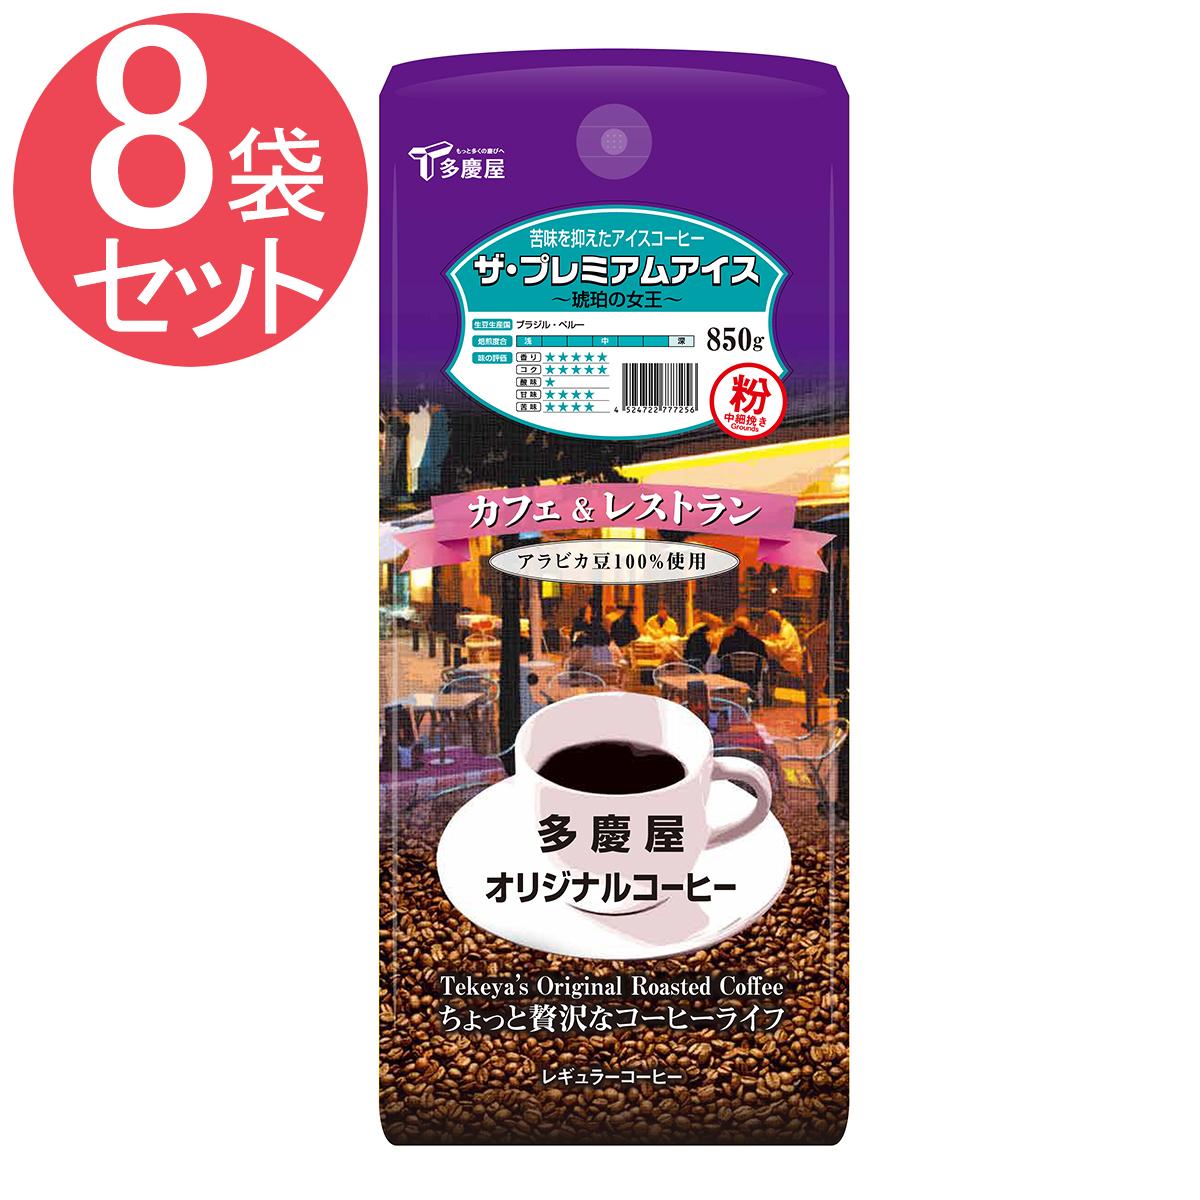 ザ・プレミアムアイス 粉 850g×8袋セット 多慶屋オリジナルコーヒー 【カフェ&レストラン】 コーヒー粉 レギュラーコーヒー 珈琲 coffee